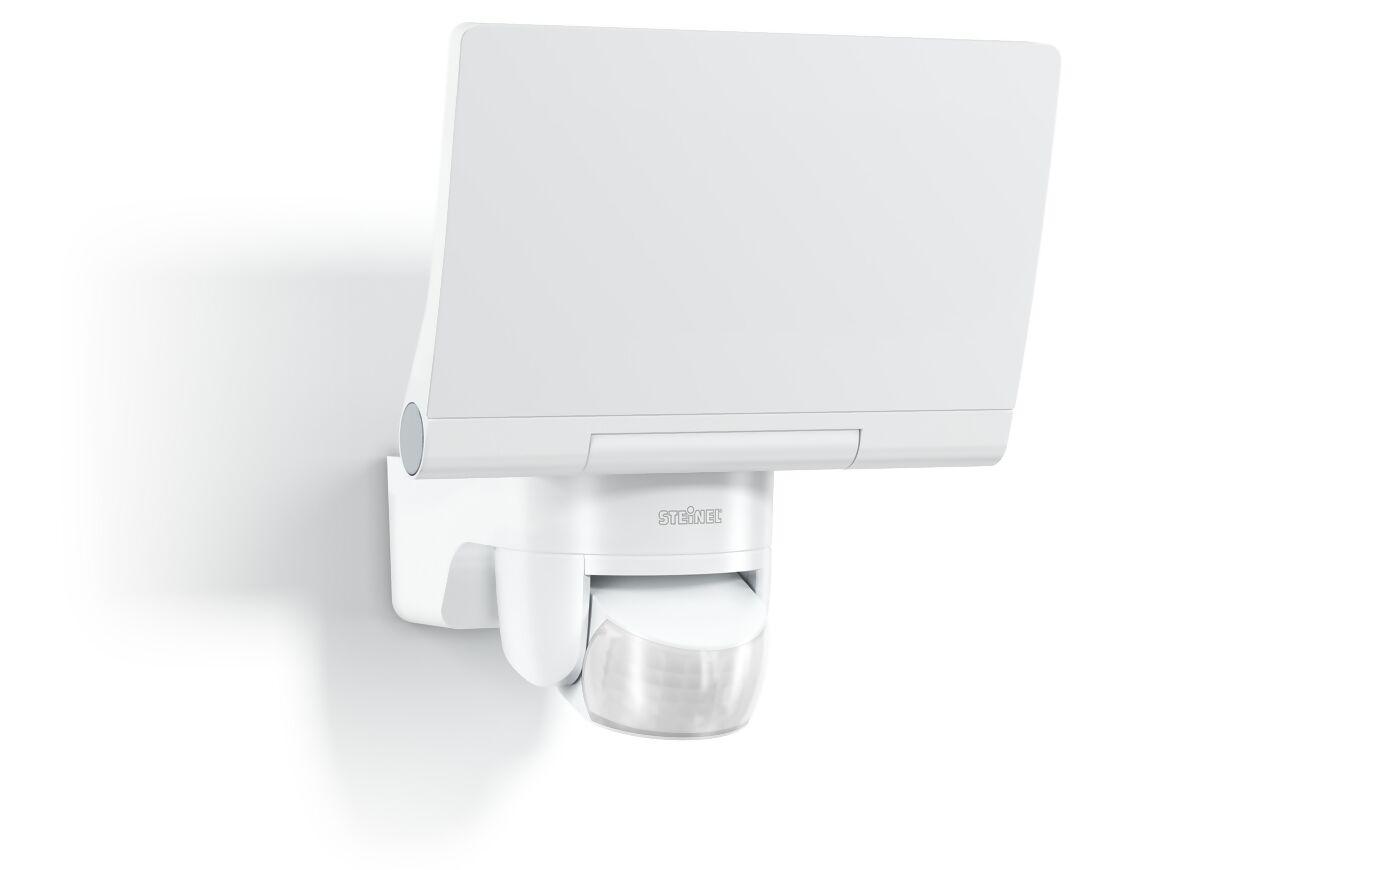 xled-home-2-produktbild-weiss.jpg